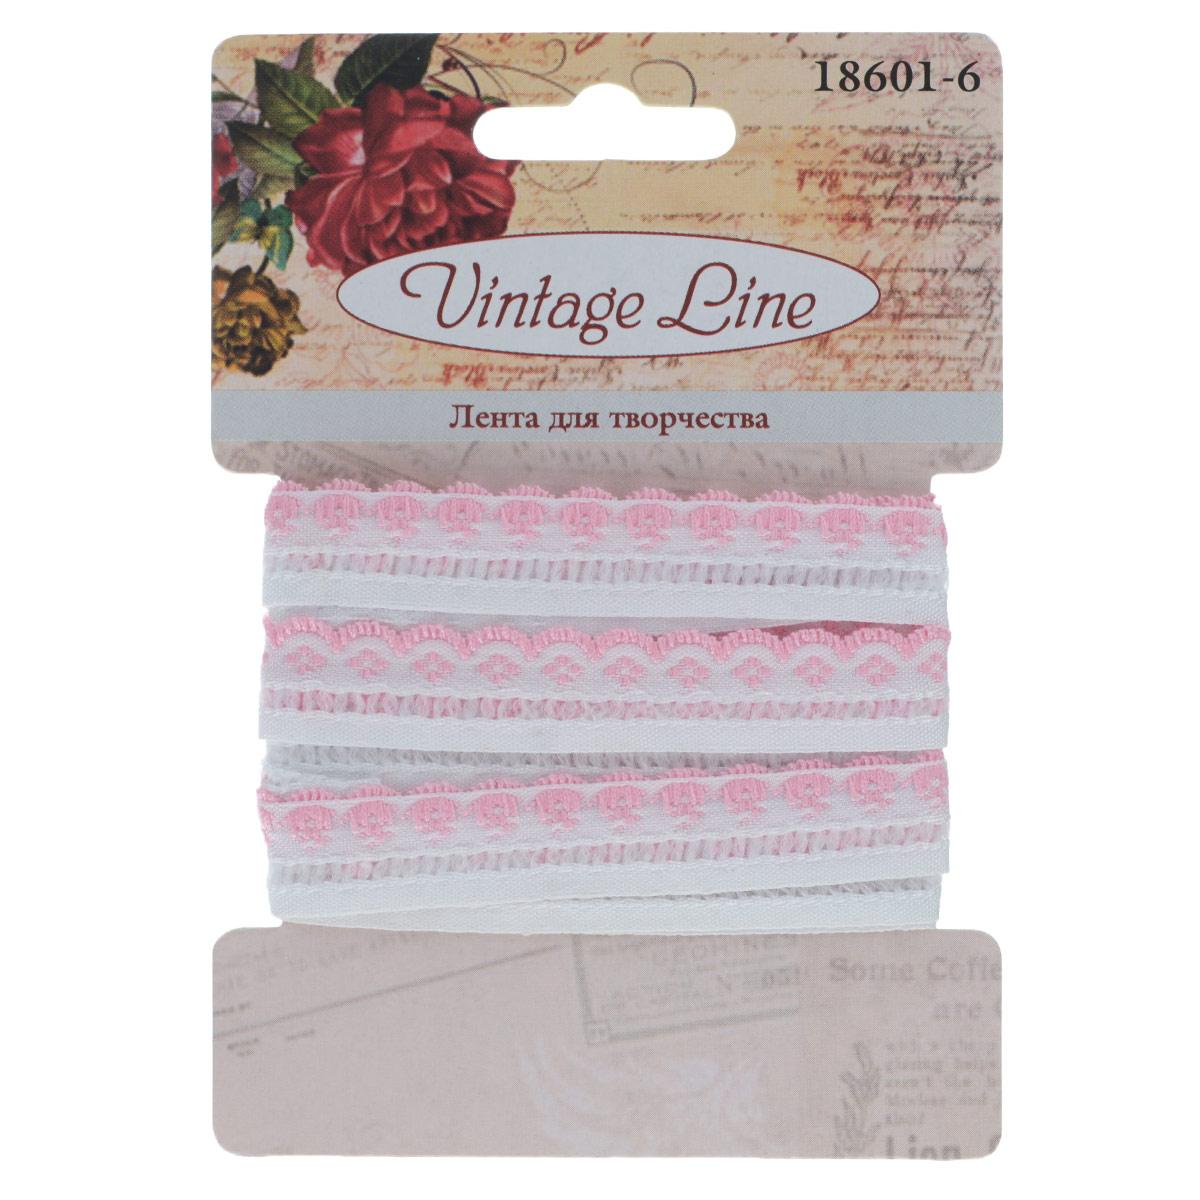 Лента декоративная Vintage Line, цвет: белый, розовый, 1,2 см х 150 см. 7709654SCB390421Декоративная лента Vintage Line выполнена из текстиля и оформлена вышивкой. Такая лента идеально подойдет для оформления различных творческих работ таких, как скрапбукинг, аппликация, декор коробок и открыток и многое другое.Лента наивысшего качества практична в использовании. Она станет незаменимым элементом в создании рукотворного шедевра. Ширина: 1,2 см.Длина: 1,5 м.